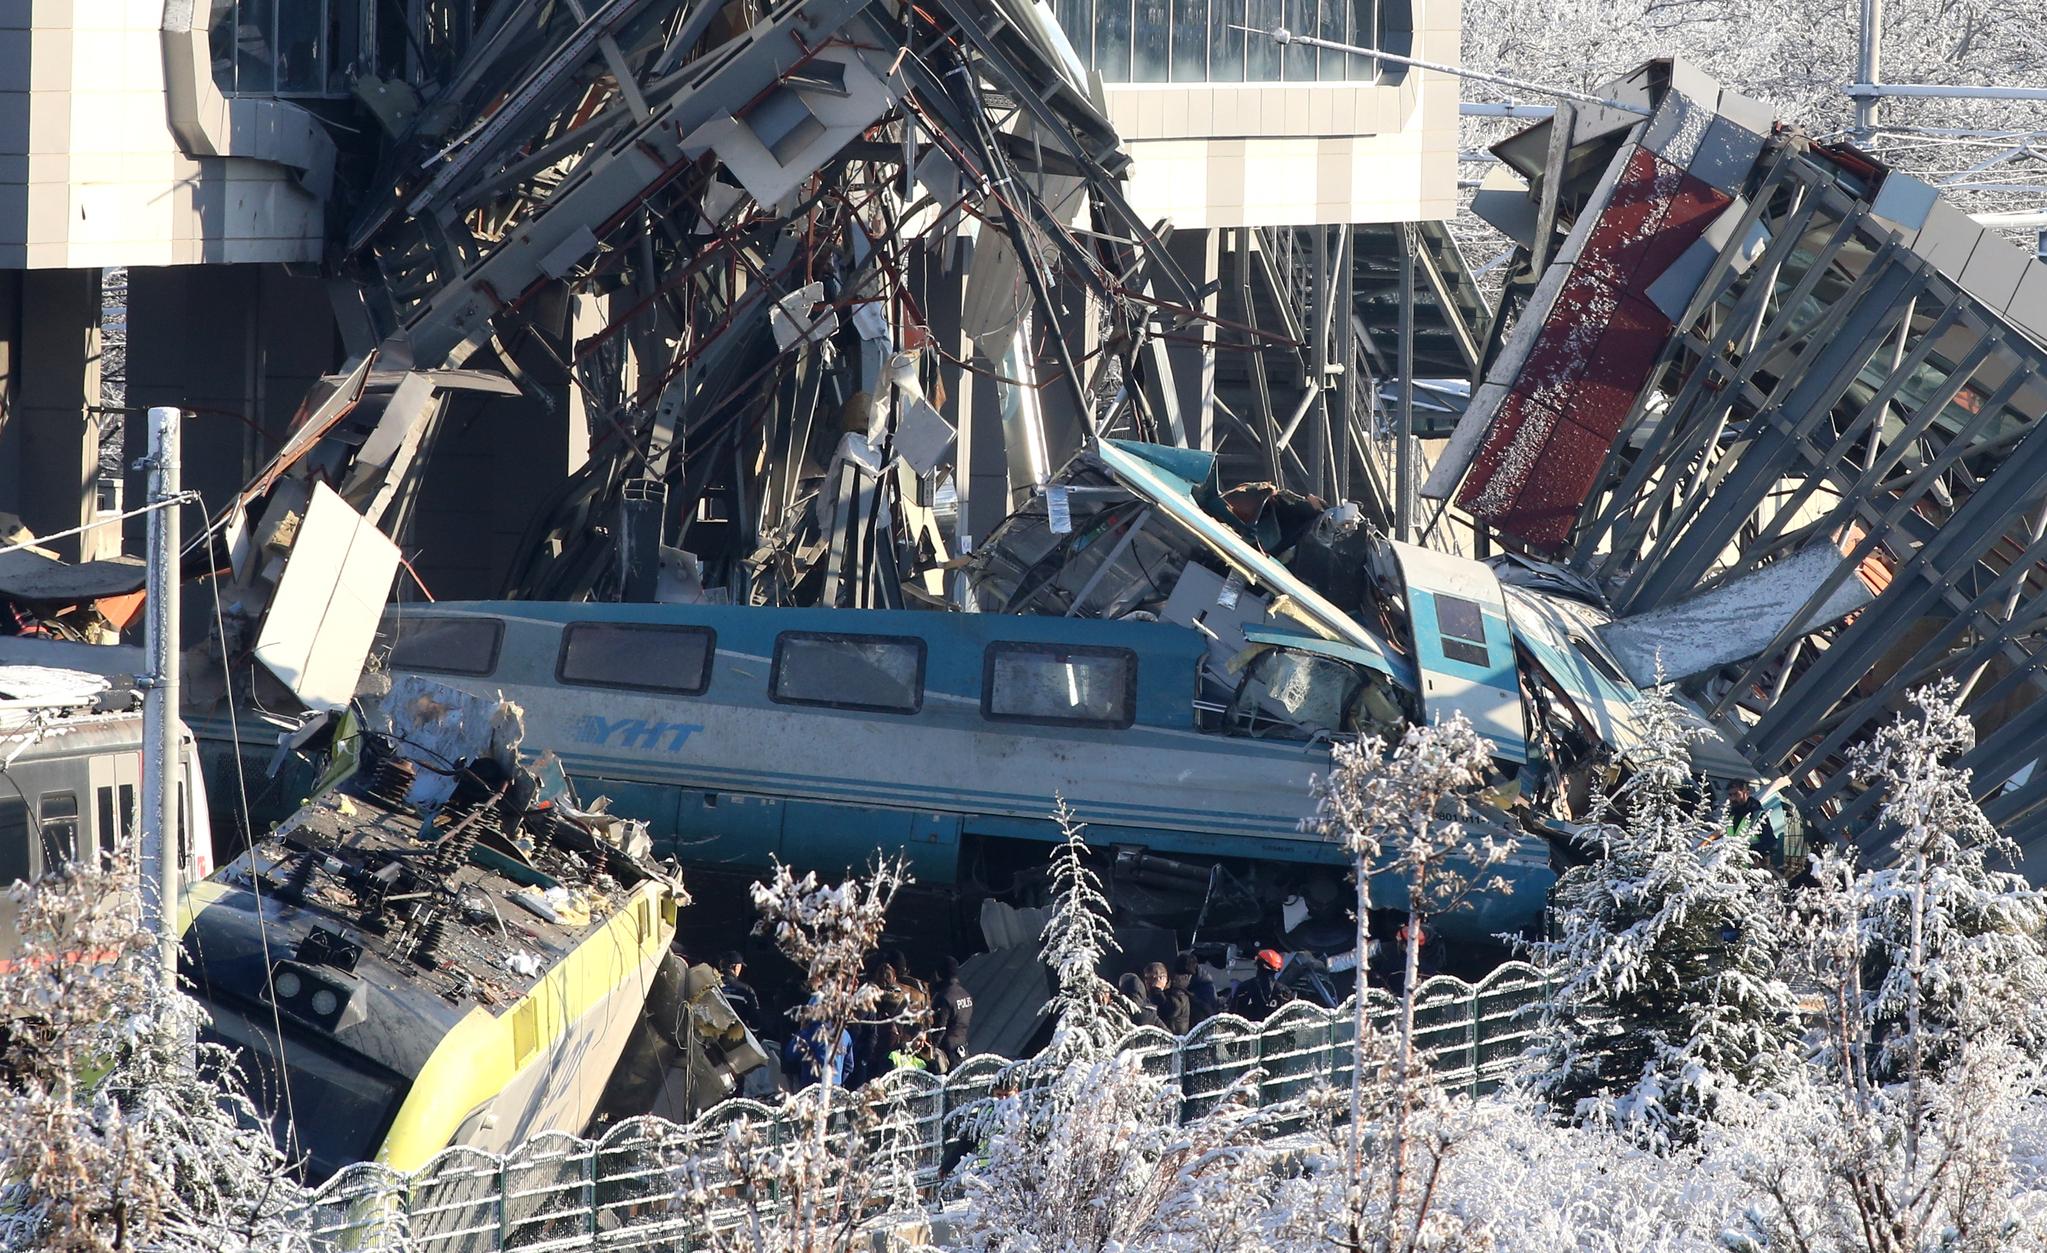 터키 수도 앙카라에서 고속열차가 일반 기관차와 충돌해 전복되는 사고가 13일(현지시간) 발생해 현재까지 4명의 사망자가 발생하고 40여명이 부상했다. 이날 사고가 난 마산디즈역에서 전복된 열차와 종이짝처럼 찢겨져 있다. [EPA=연합뉴스]